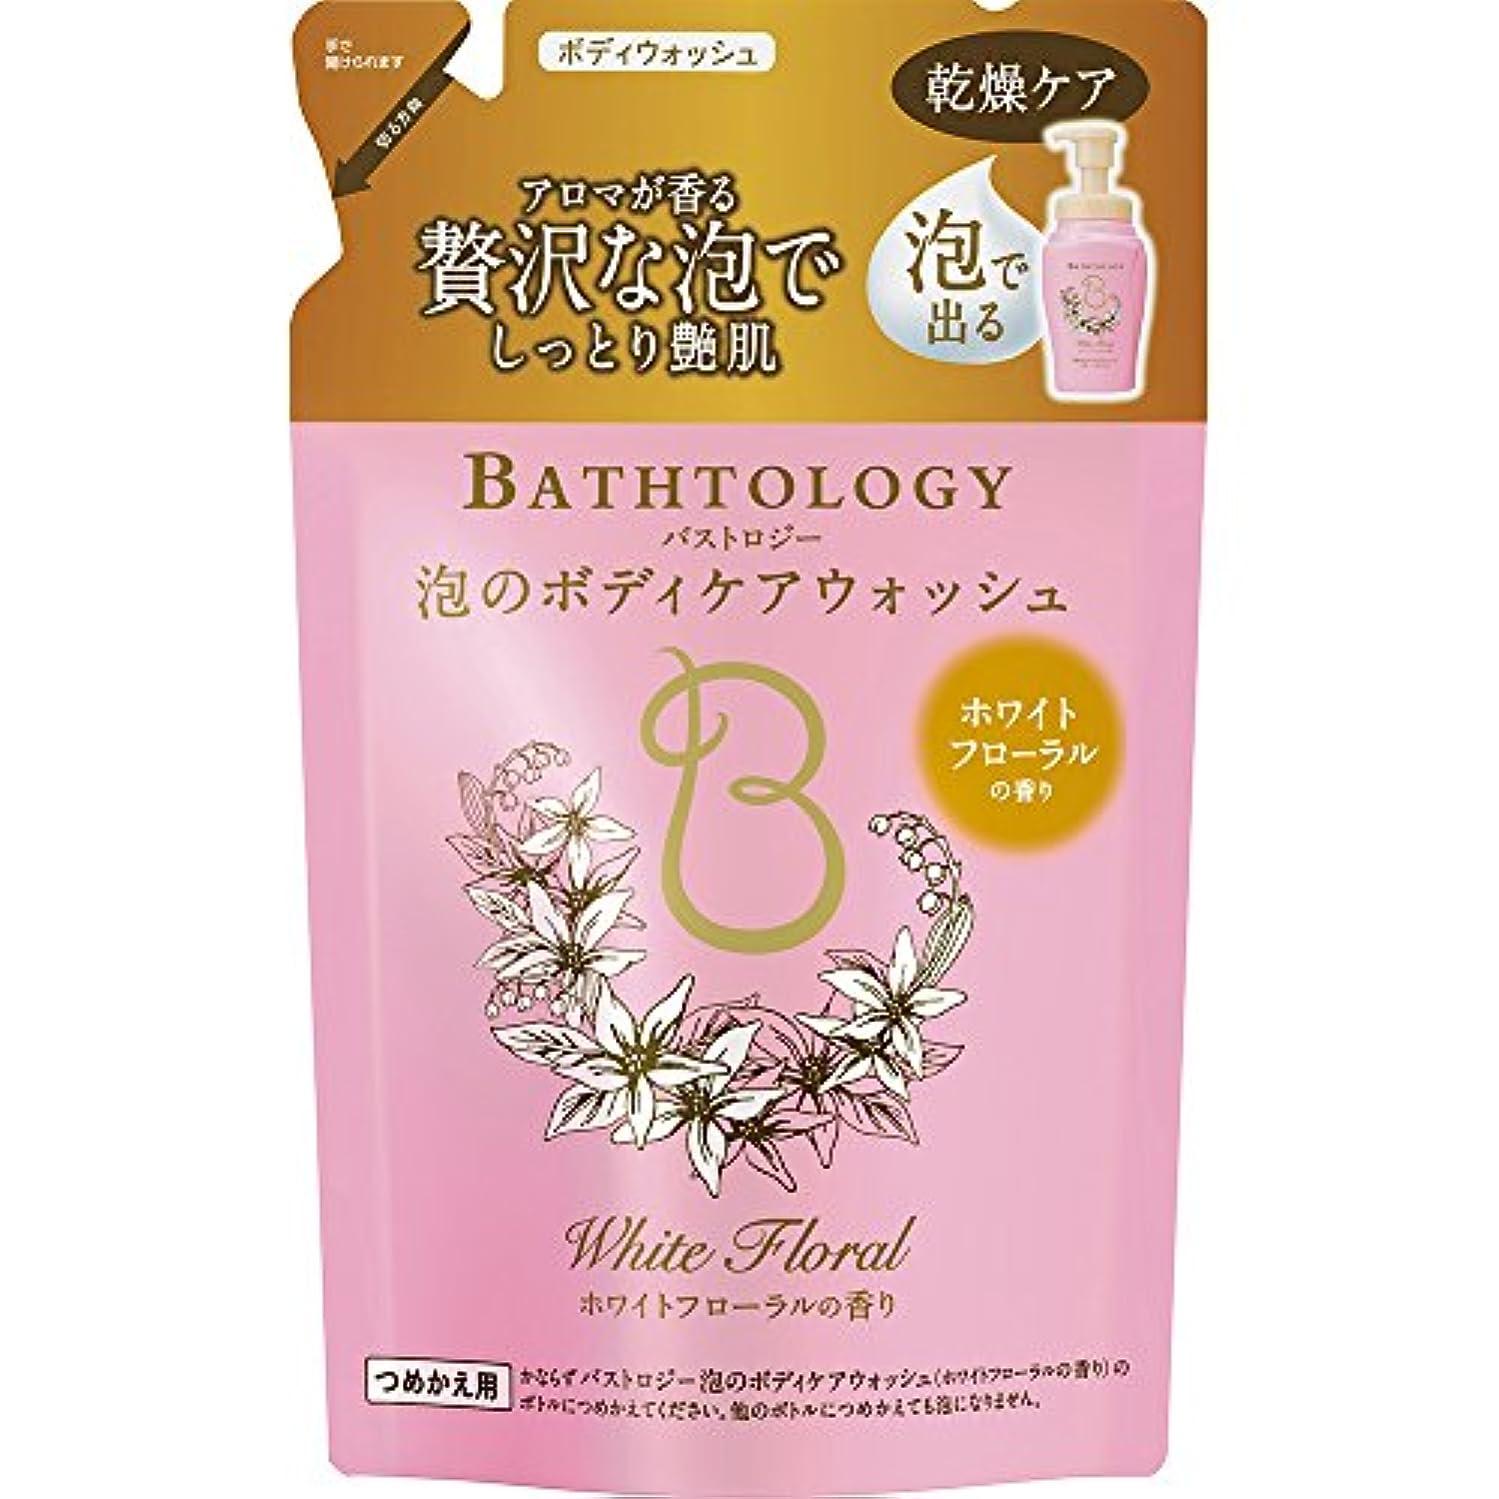 受信大使館貫通BATHTOLOGY 泡のボディケアウォッシュ ホワイトフローラルの香り 詰め替え 350ml